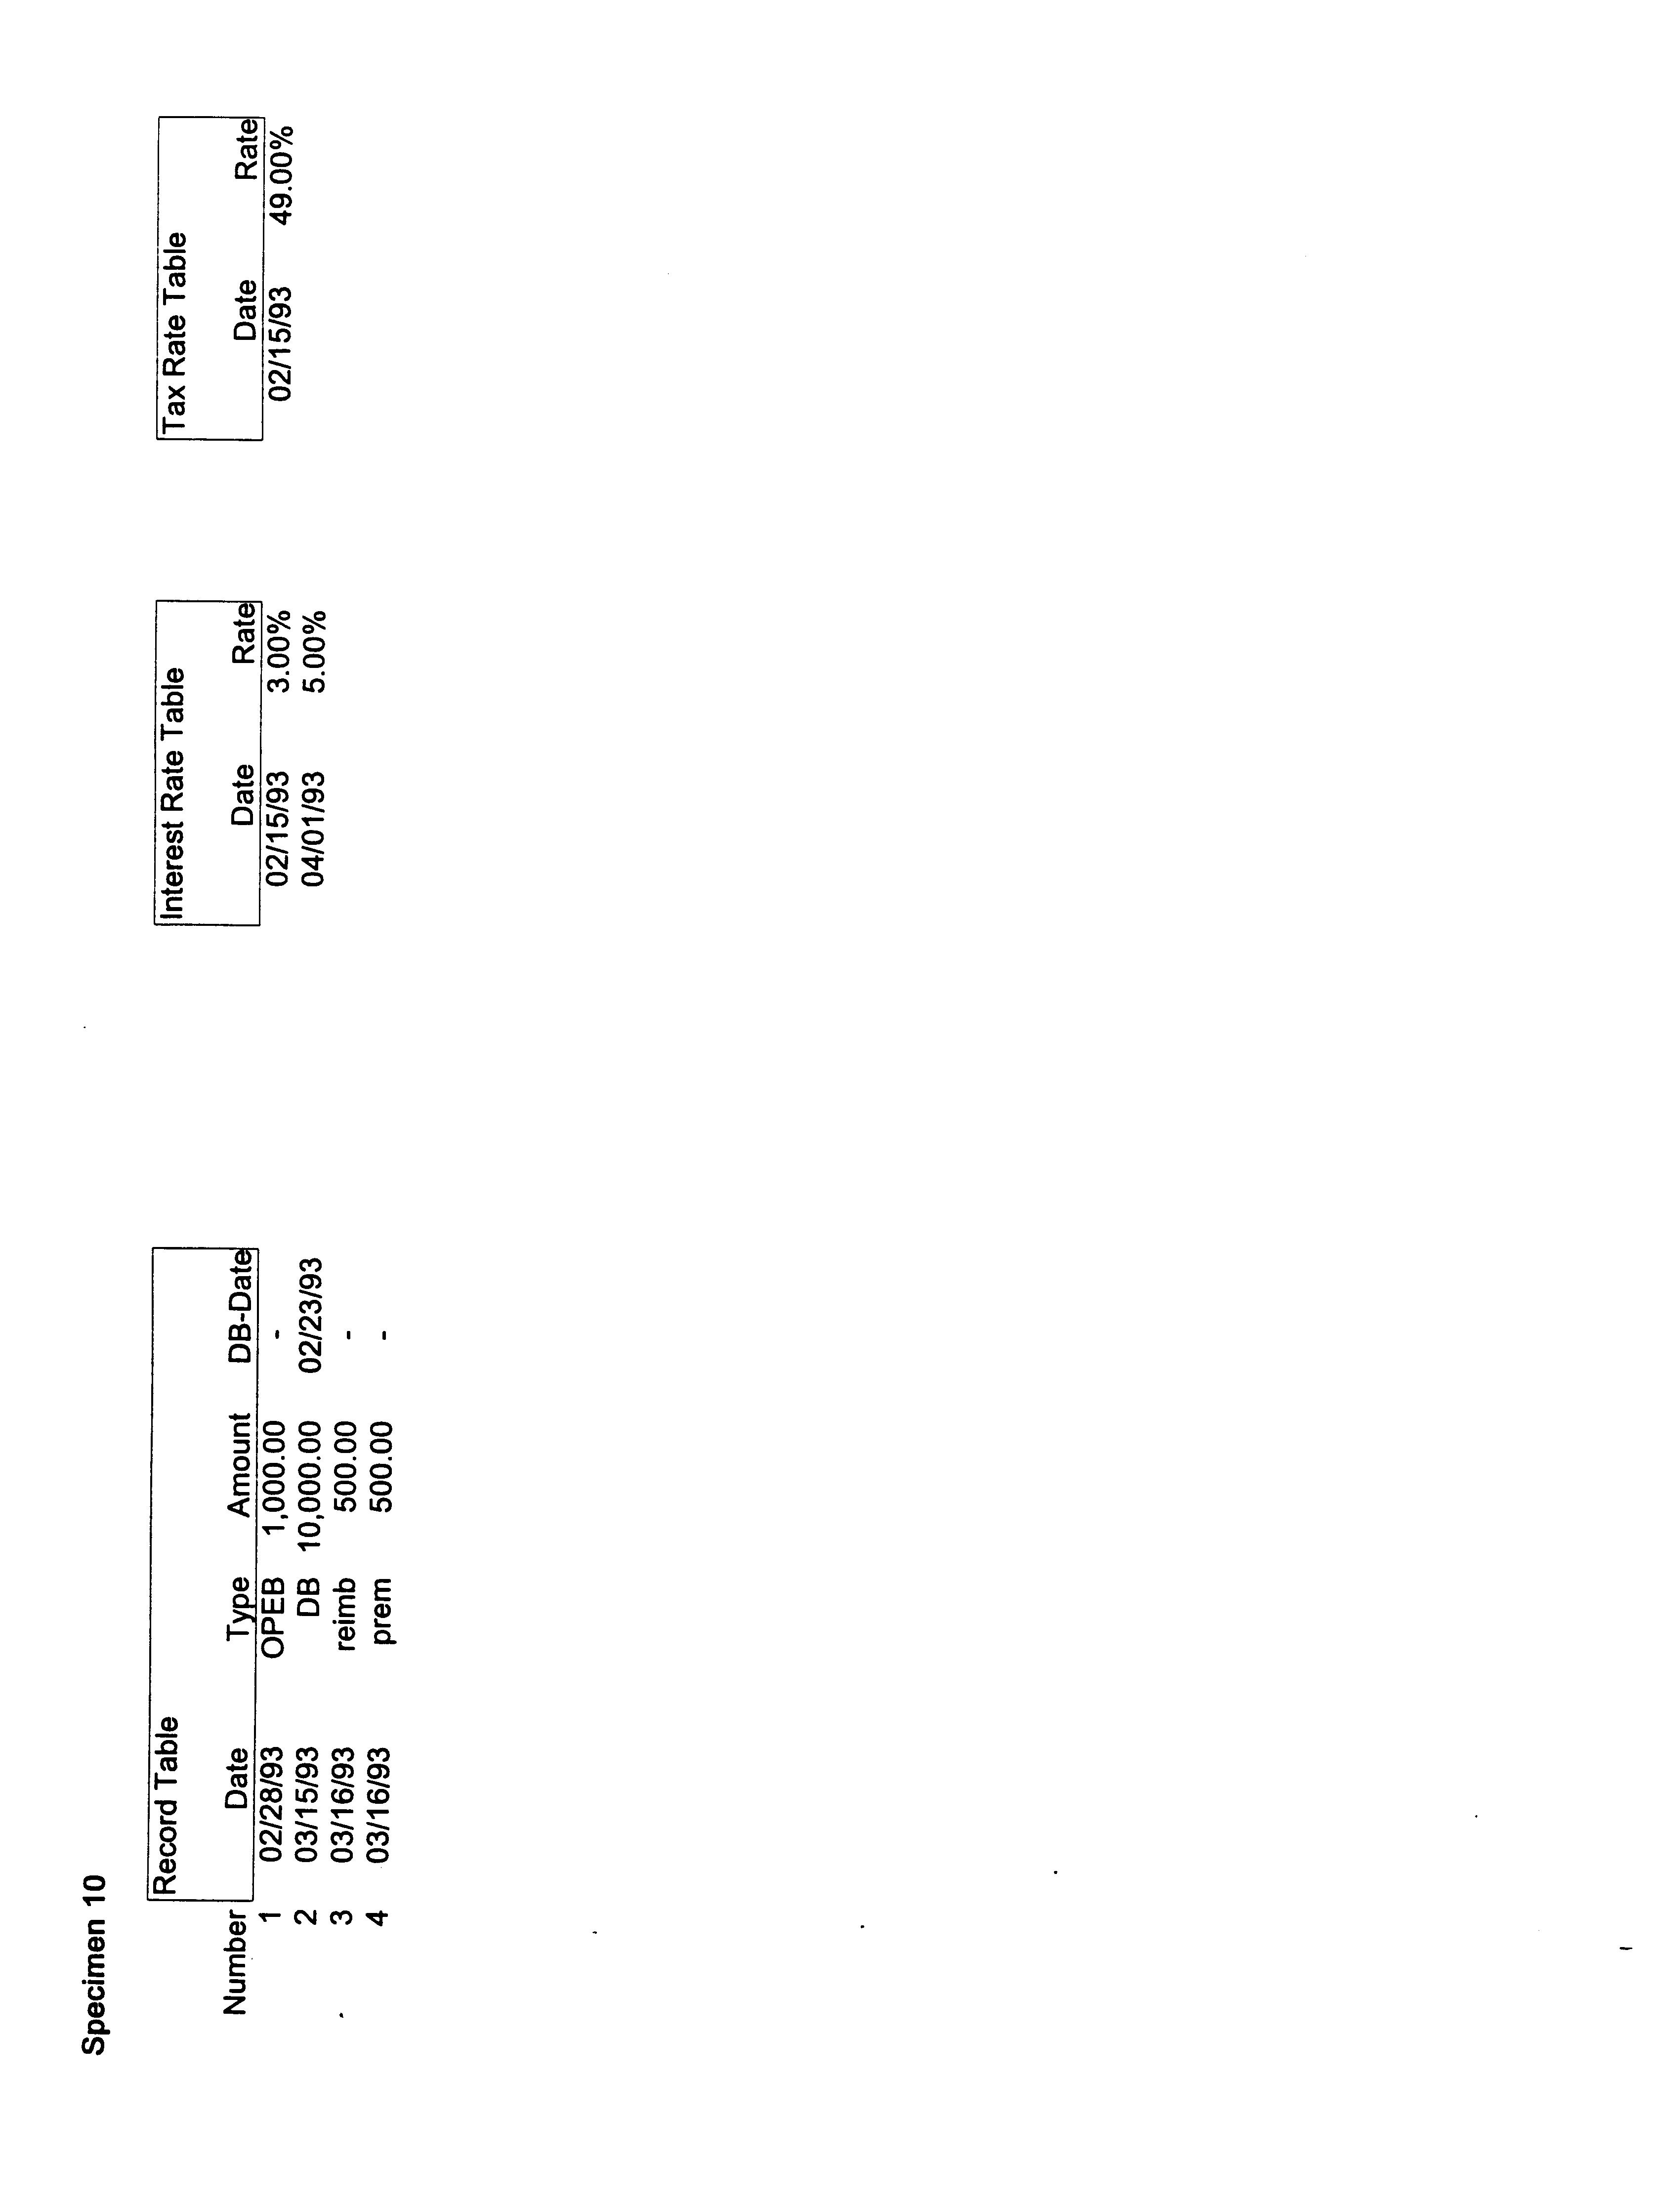 Figure US06205434-20010320-P00011